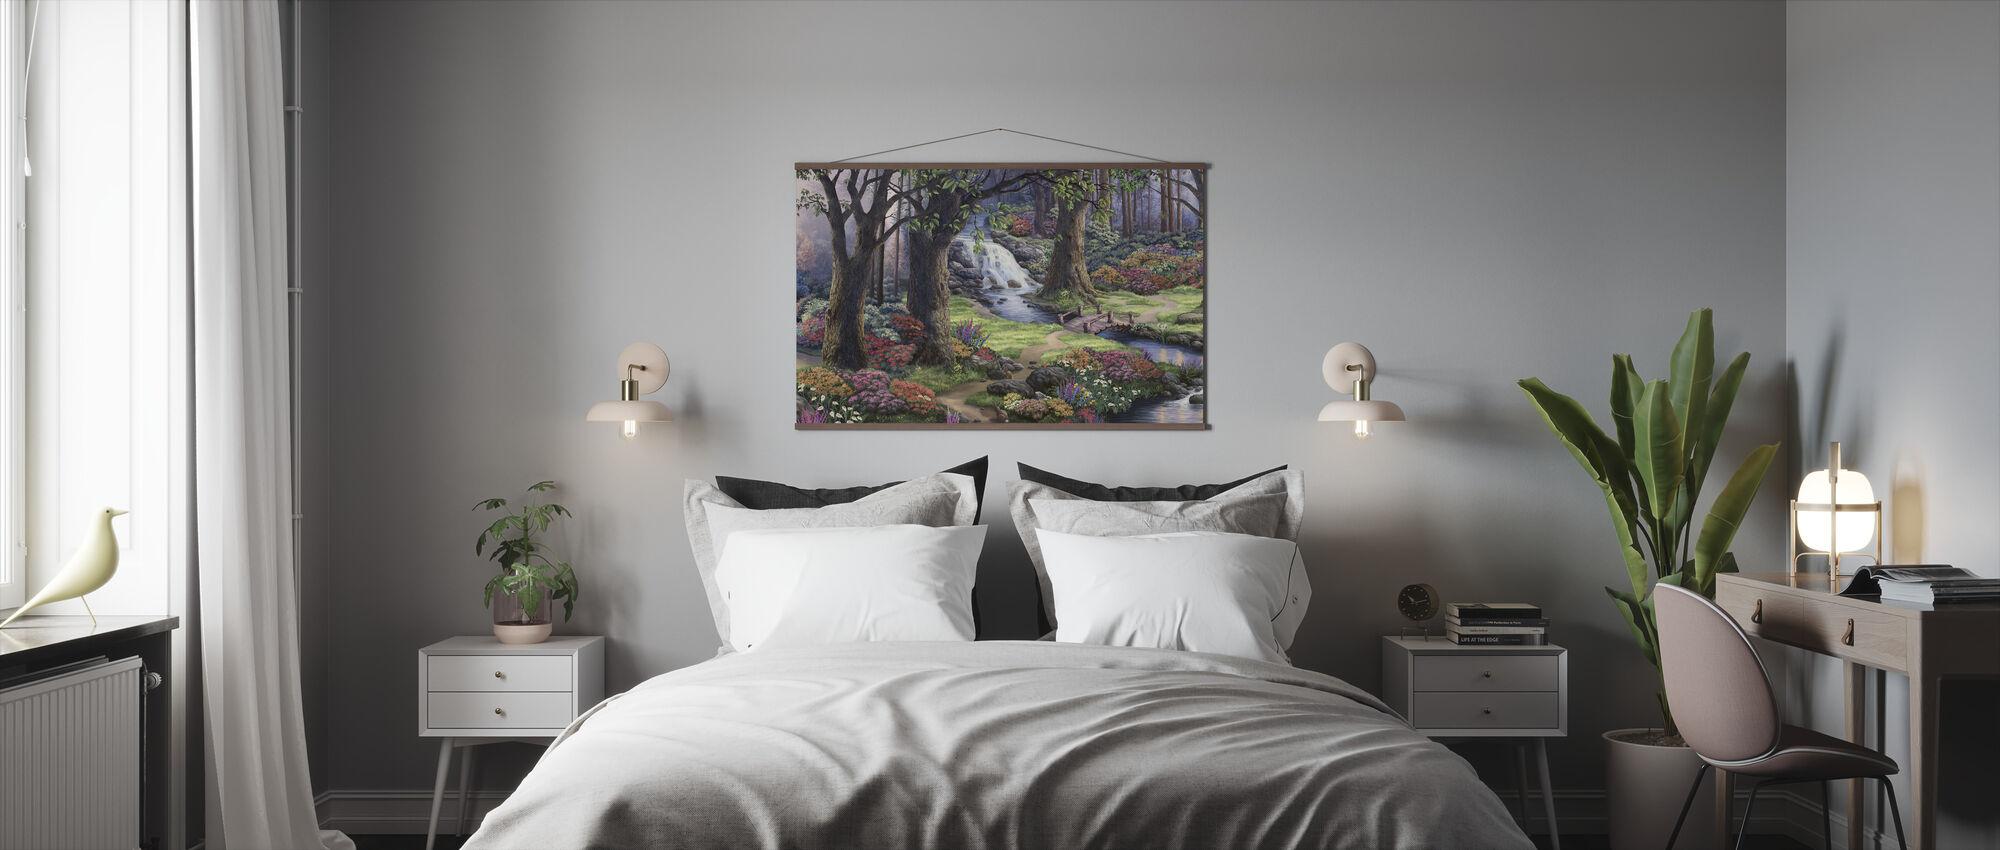 Drømmende landskap - Plakat - Soverom